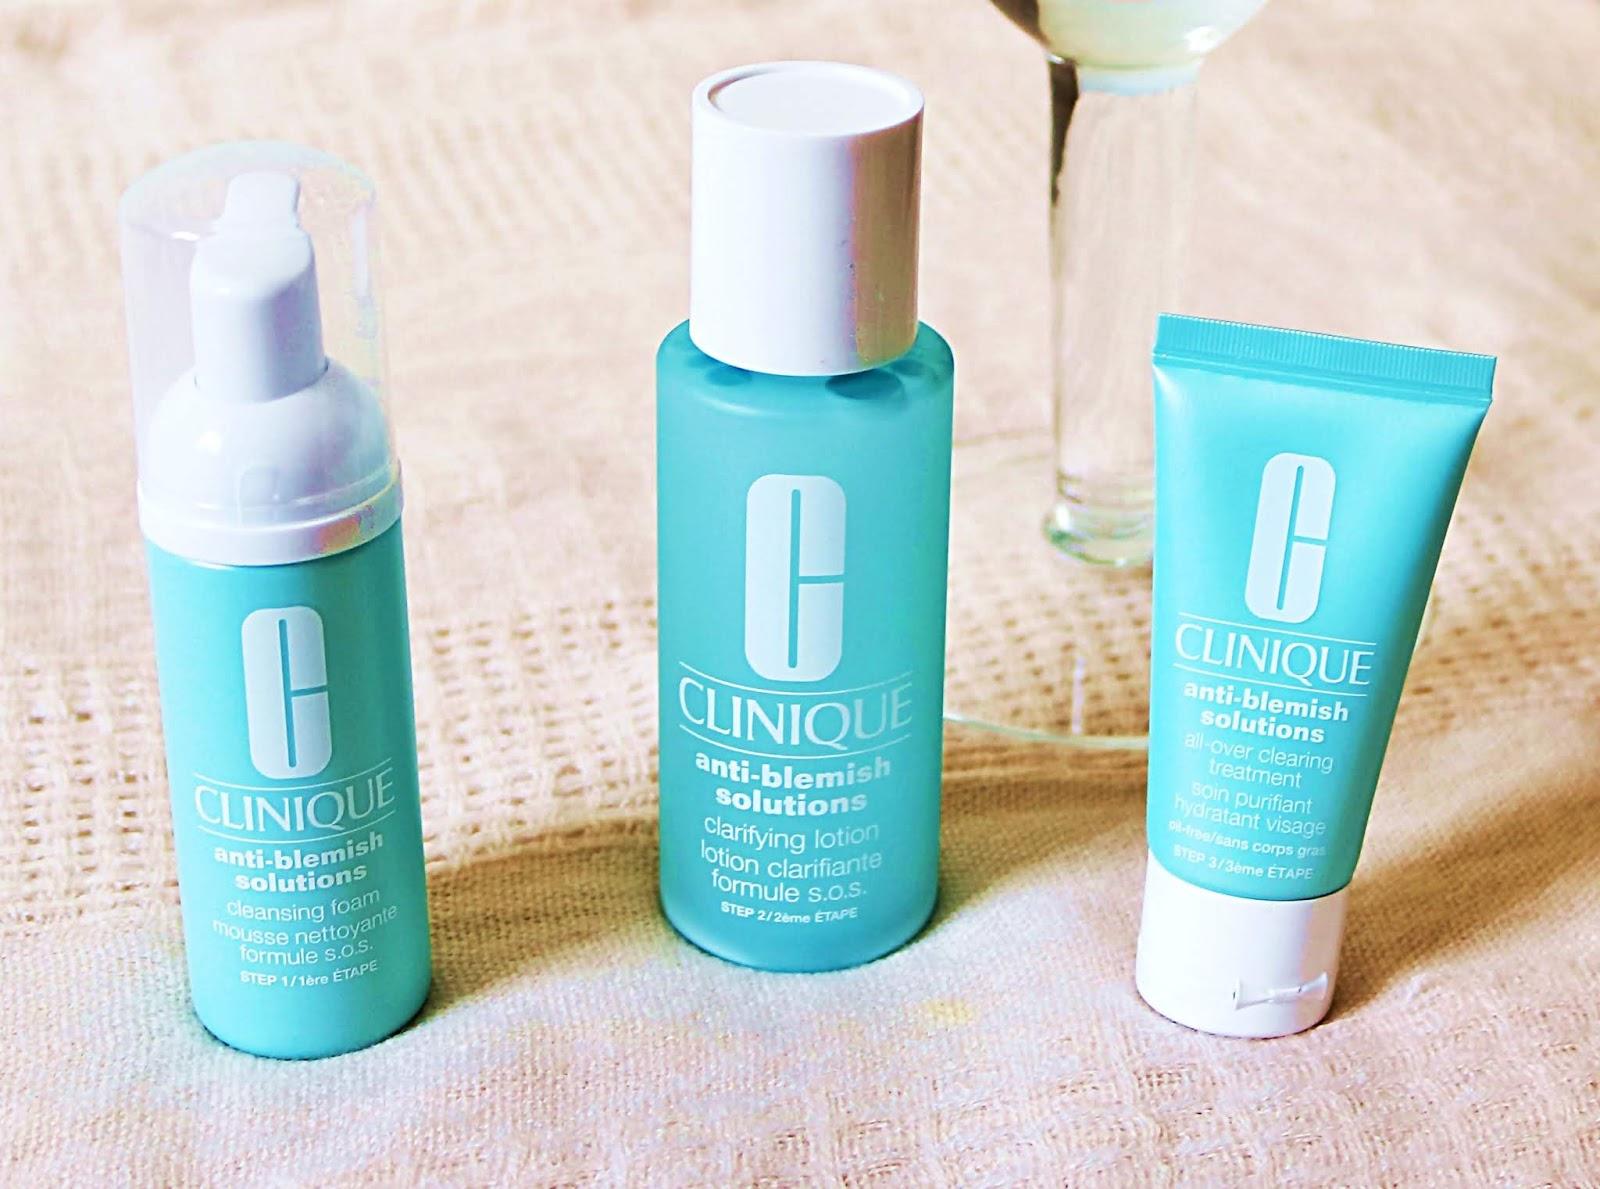 CLINIQUE - Anti-Blemish Solutions | kosmetyki zwalczające niedoskonałości skóry